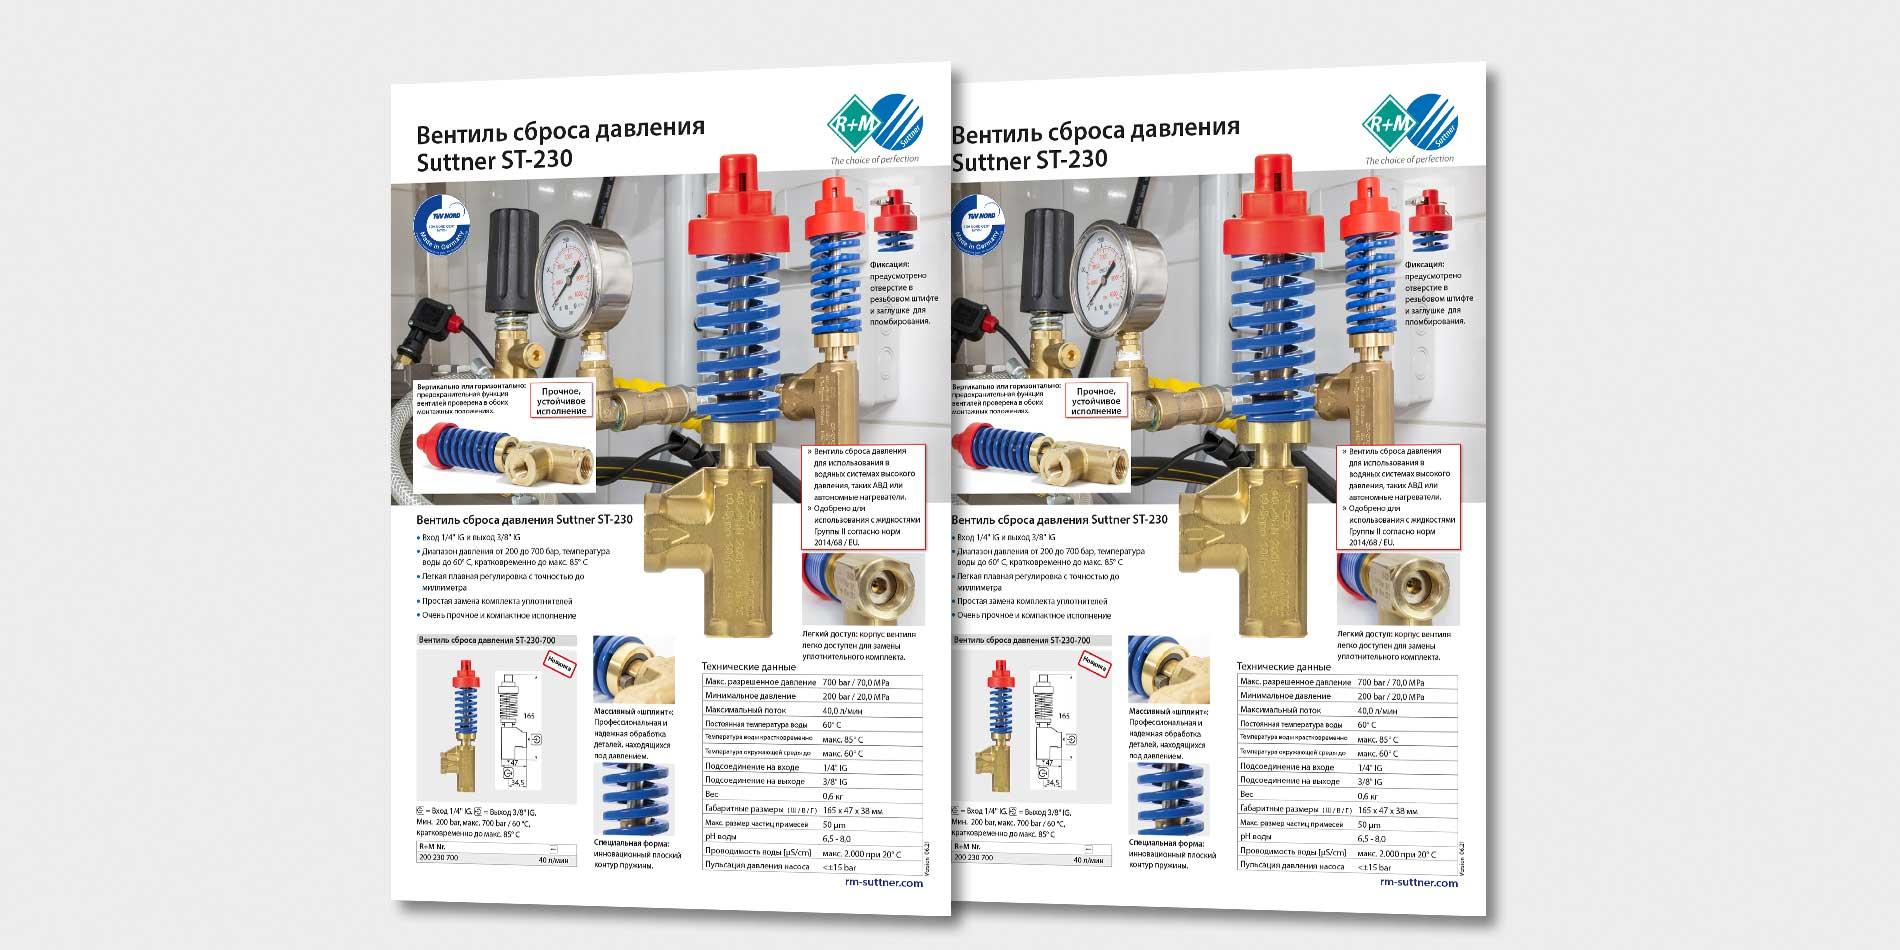 Вентиль сброса давления Suttner ST-230